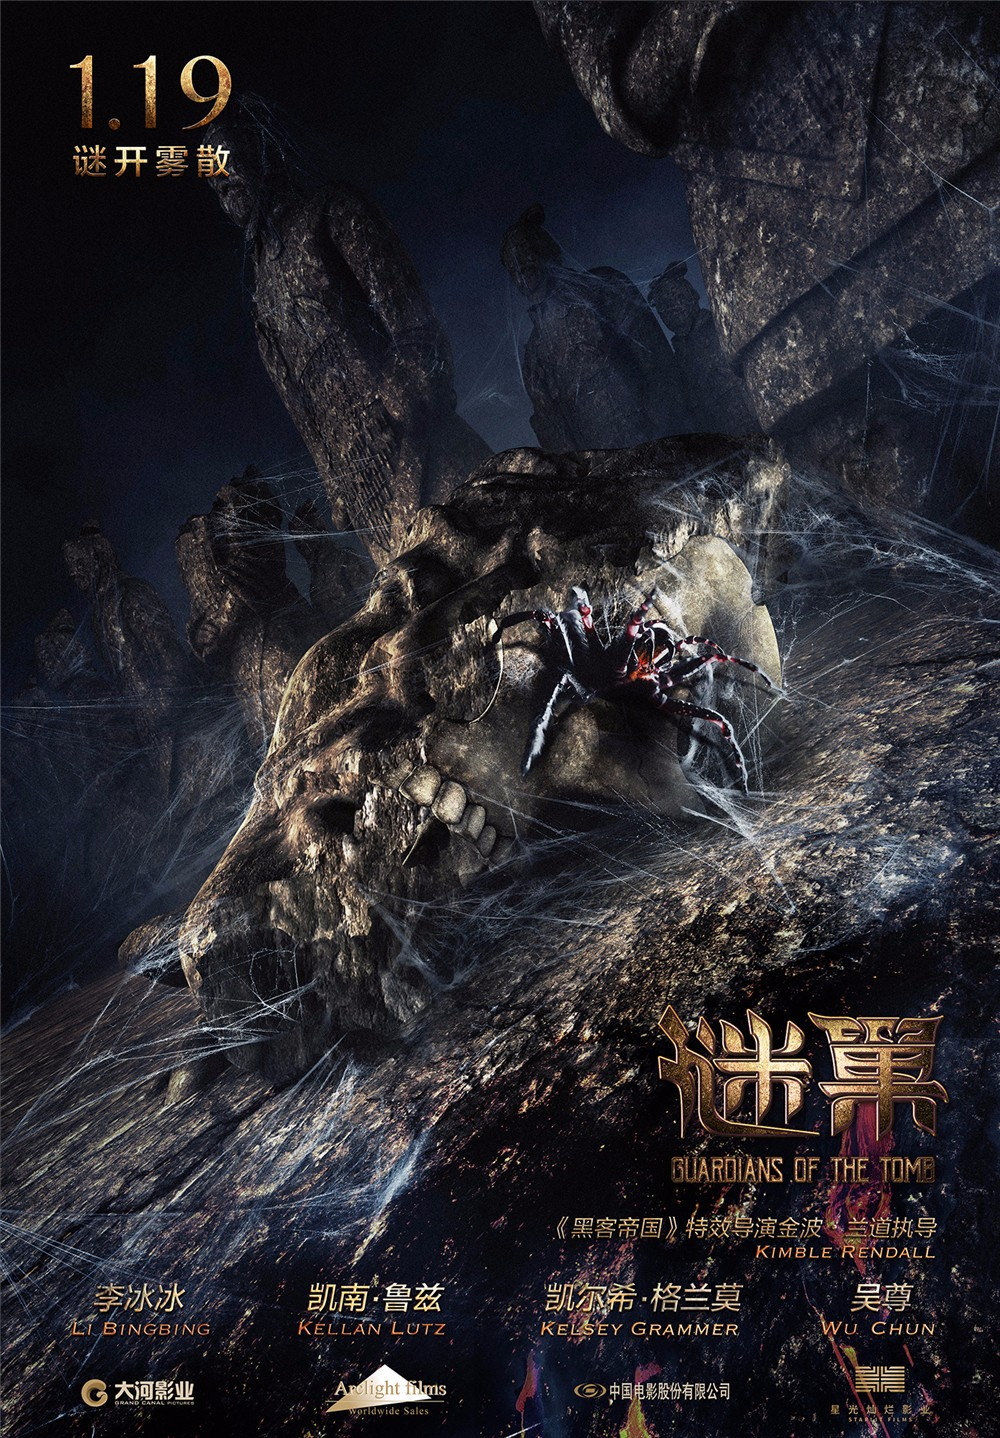 《谜巢》李冰冰,你让我想起了当年被蜘蛛支配的恐惧 - 狐狸·梦见乌鸦 - 埋骨之地